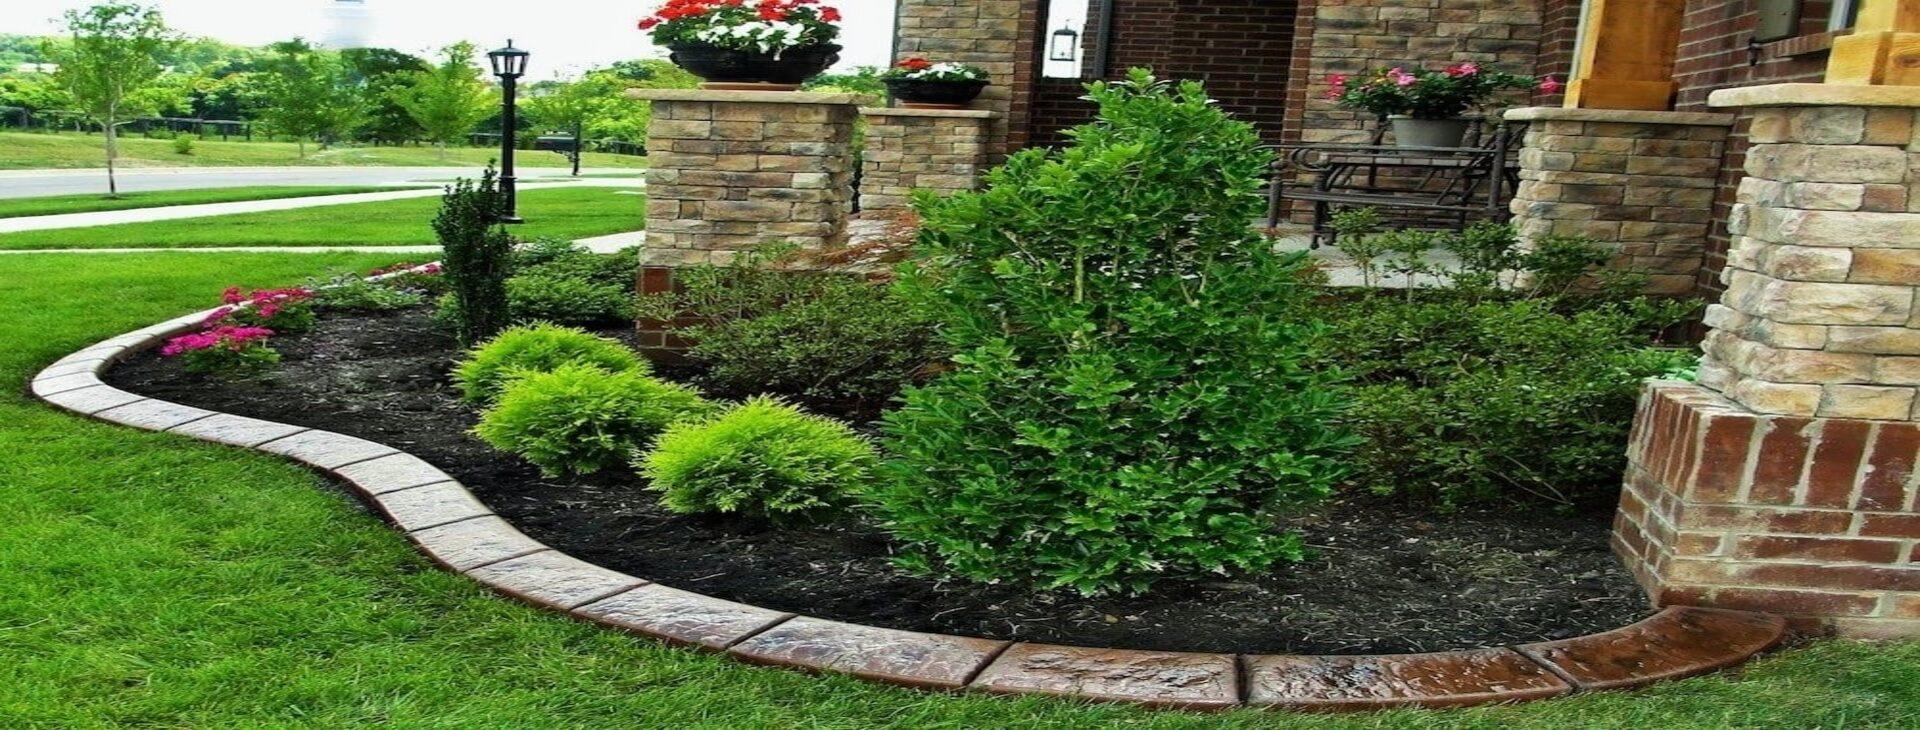 Add Decorative Edge to your landscape design .